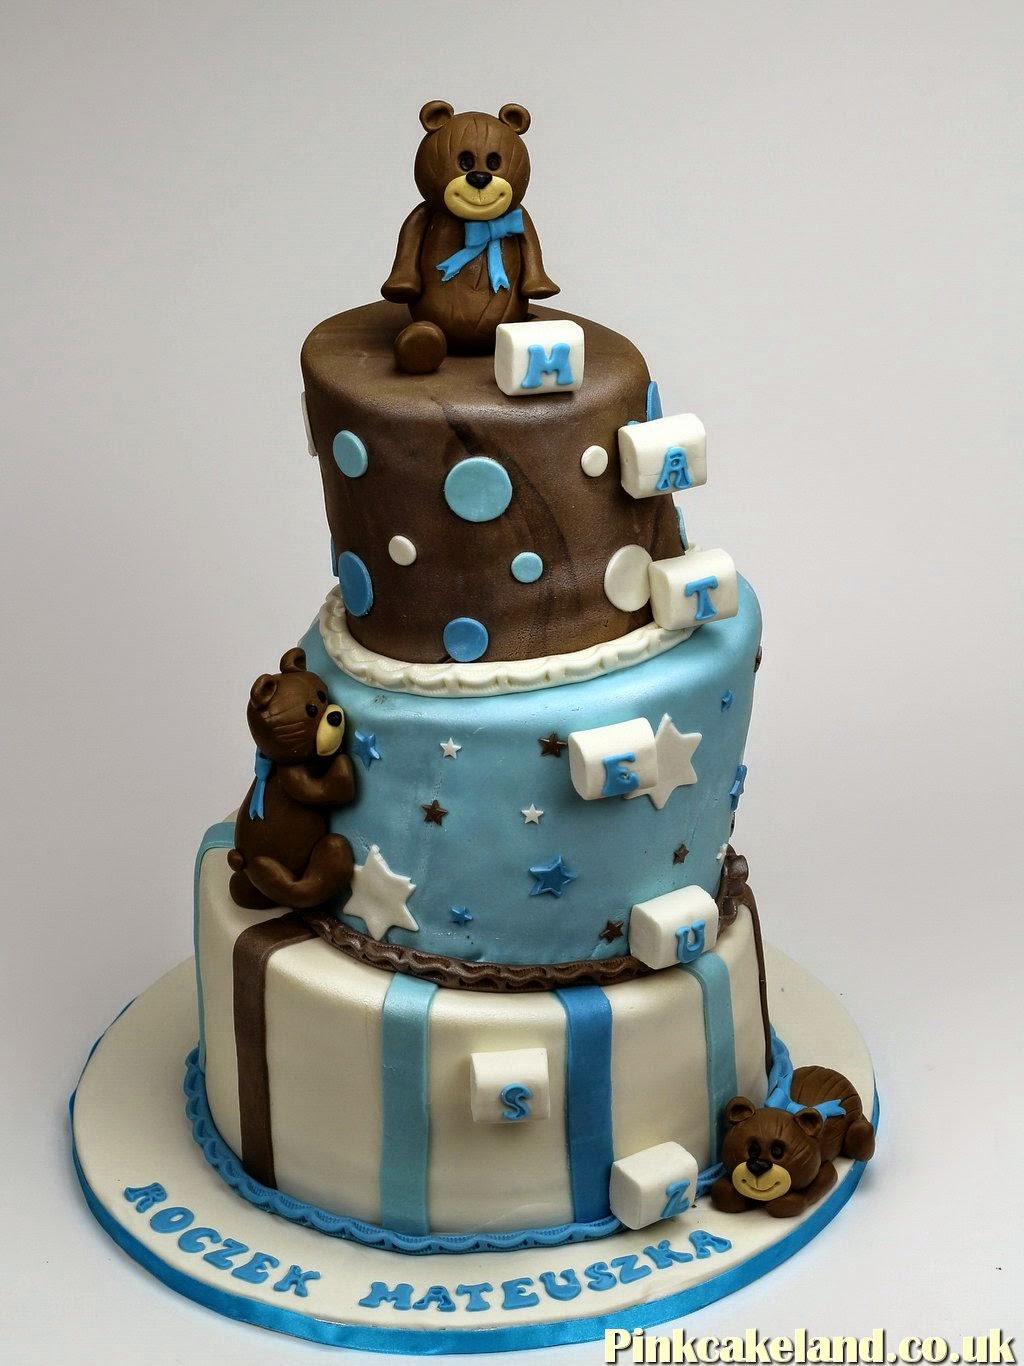 Topsy Turvy Cake - Teddies Birthday Cake in Wembley